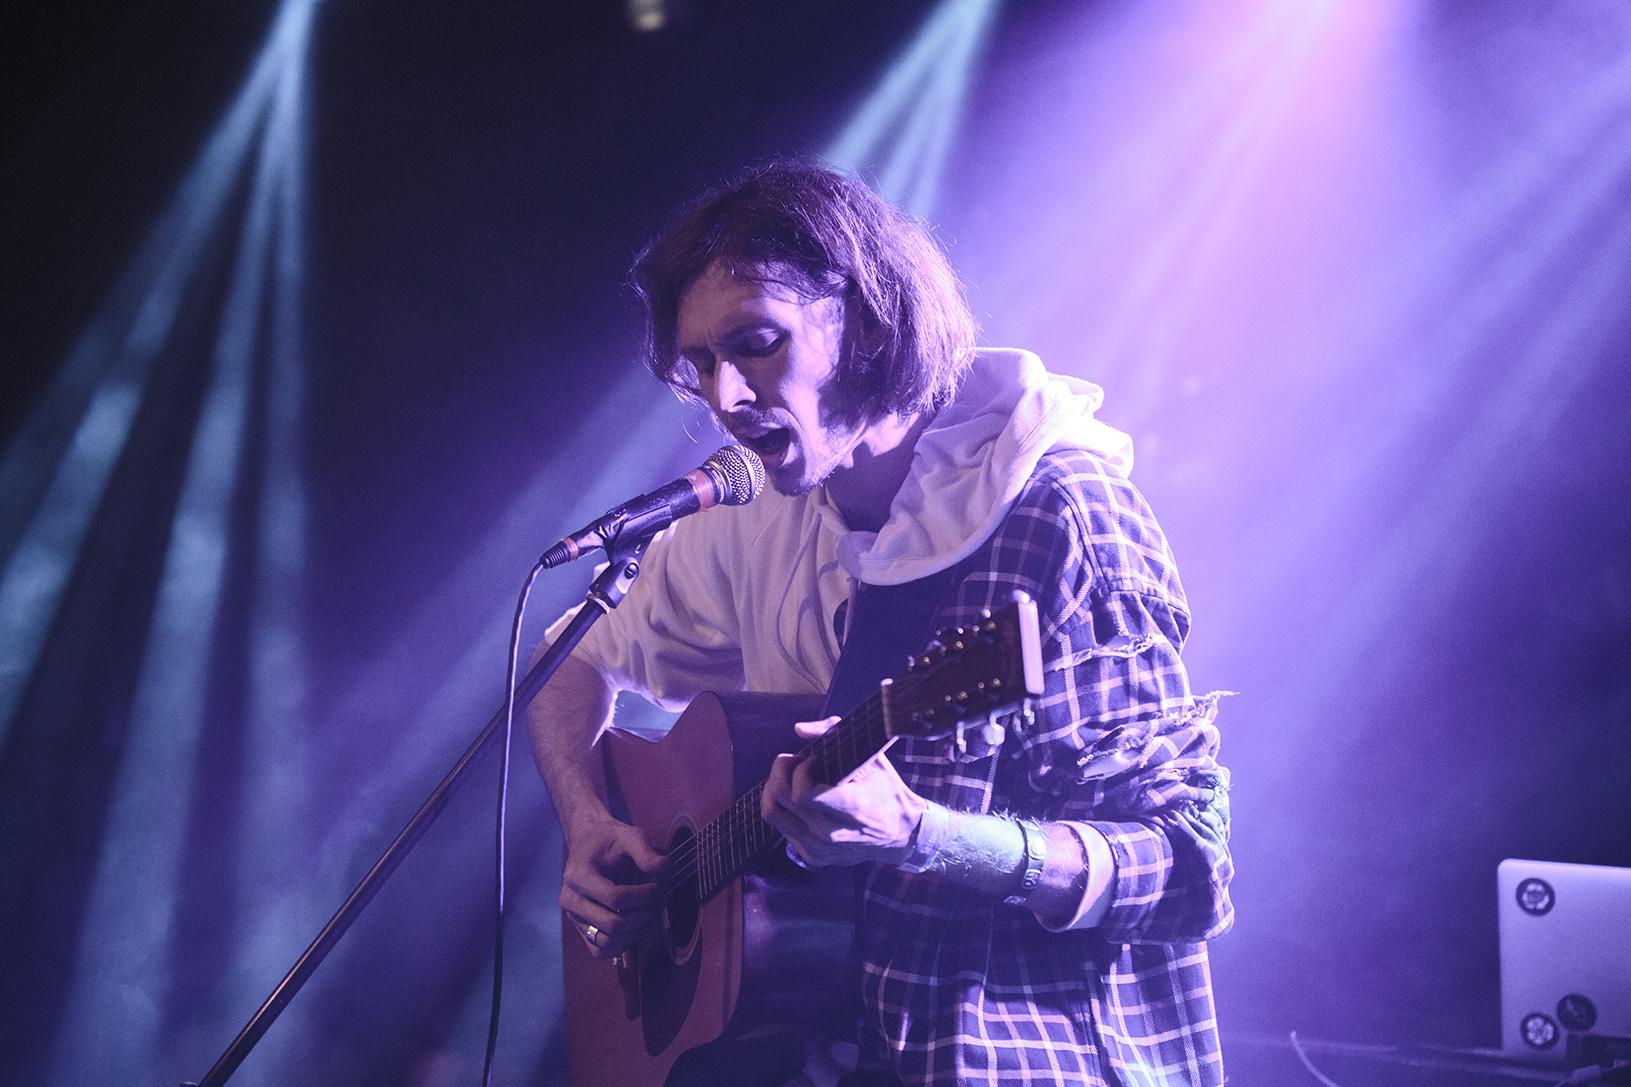 Фото NOA, Первый сольный концерт. Презентация альбома!